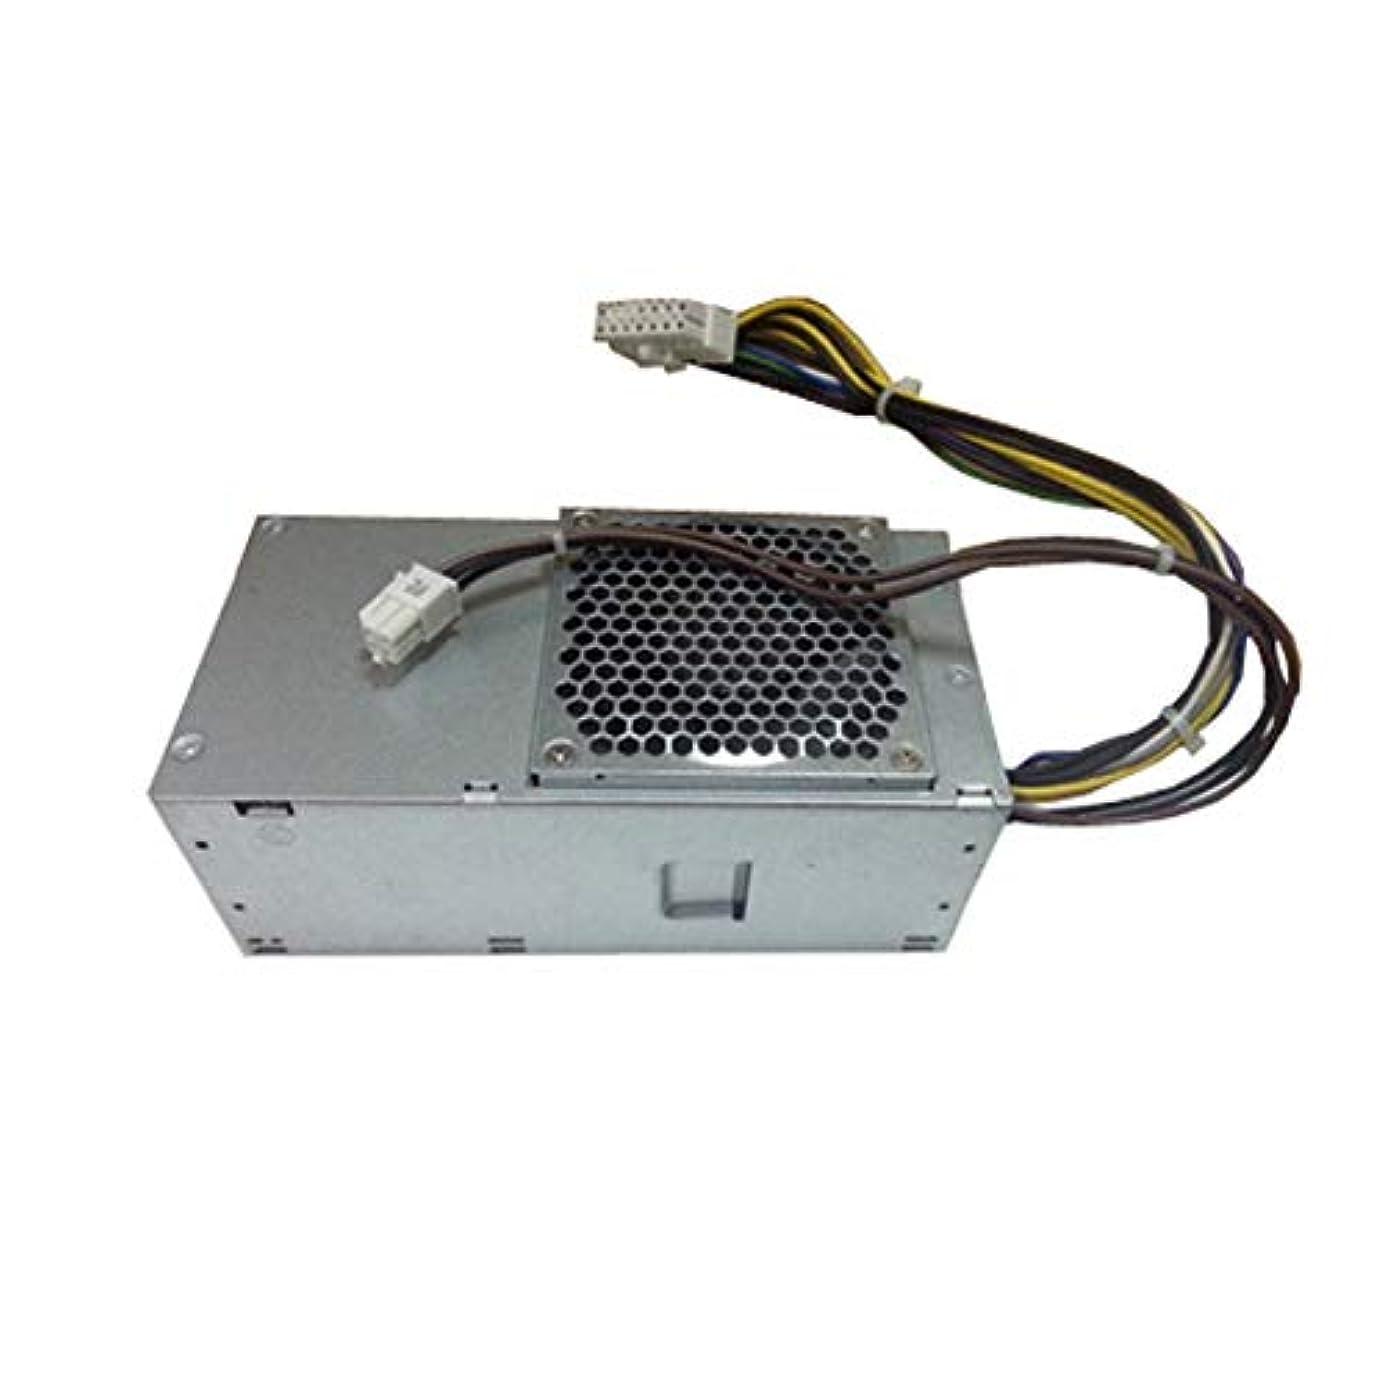 手首トロピカル膨らませるKailyr 240W PS-4241-01 HK280-71FP SP50A36145 FSP240-40SBV PC9059 PS-3181-02 HK340-72FP PS-4241-01VB PCB020EL1G 修理交換用 デスクトップ コンピュータ電源 for Lenovo 54Y8921 54Y8849 54Y8897 H81 Q75 Q77 B75 A75 Q87